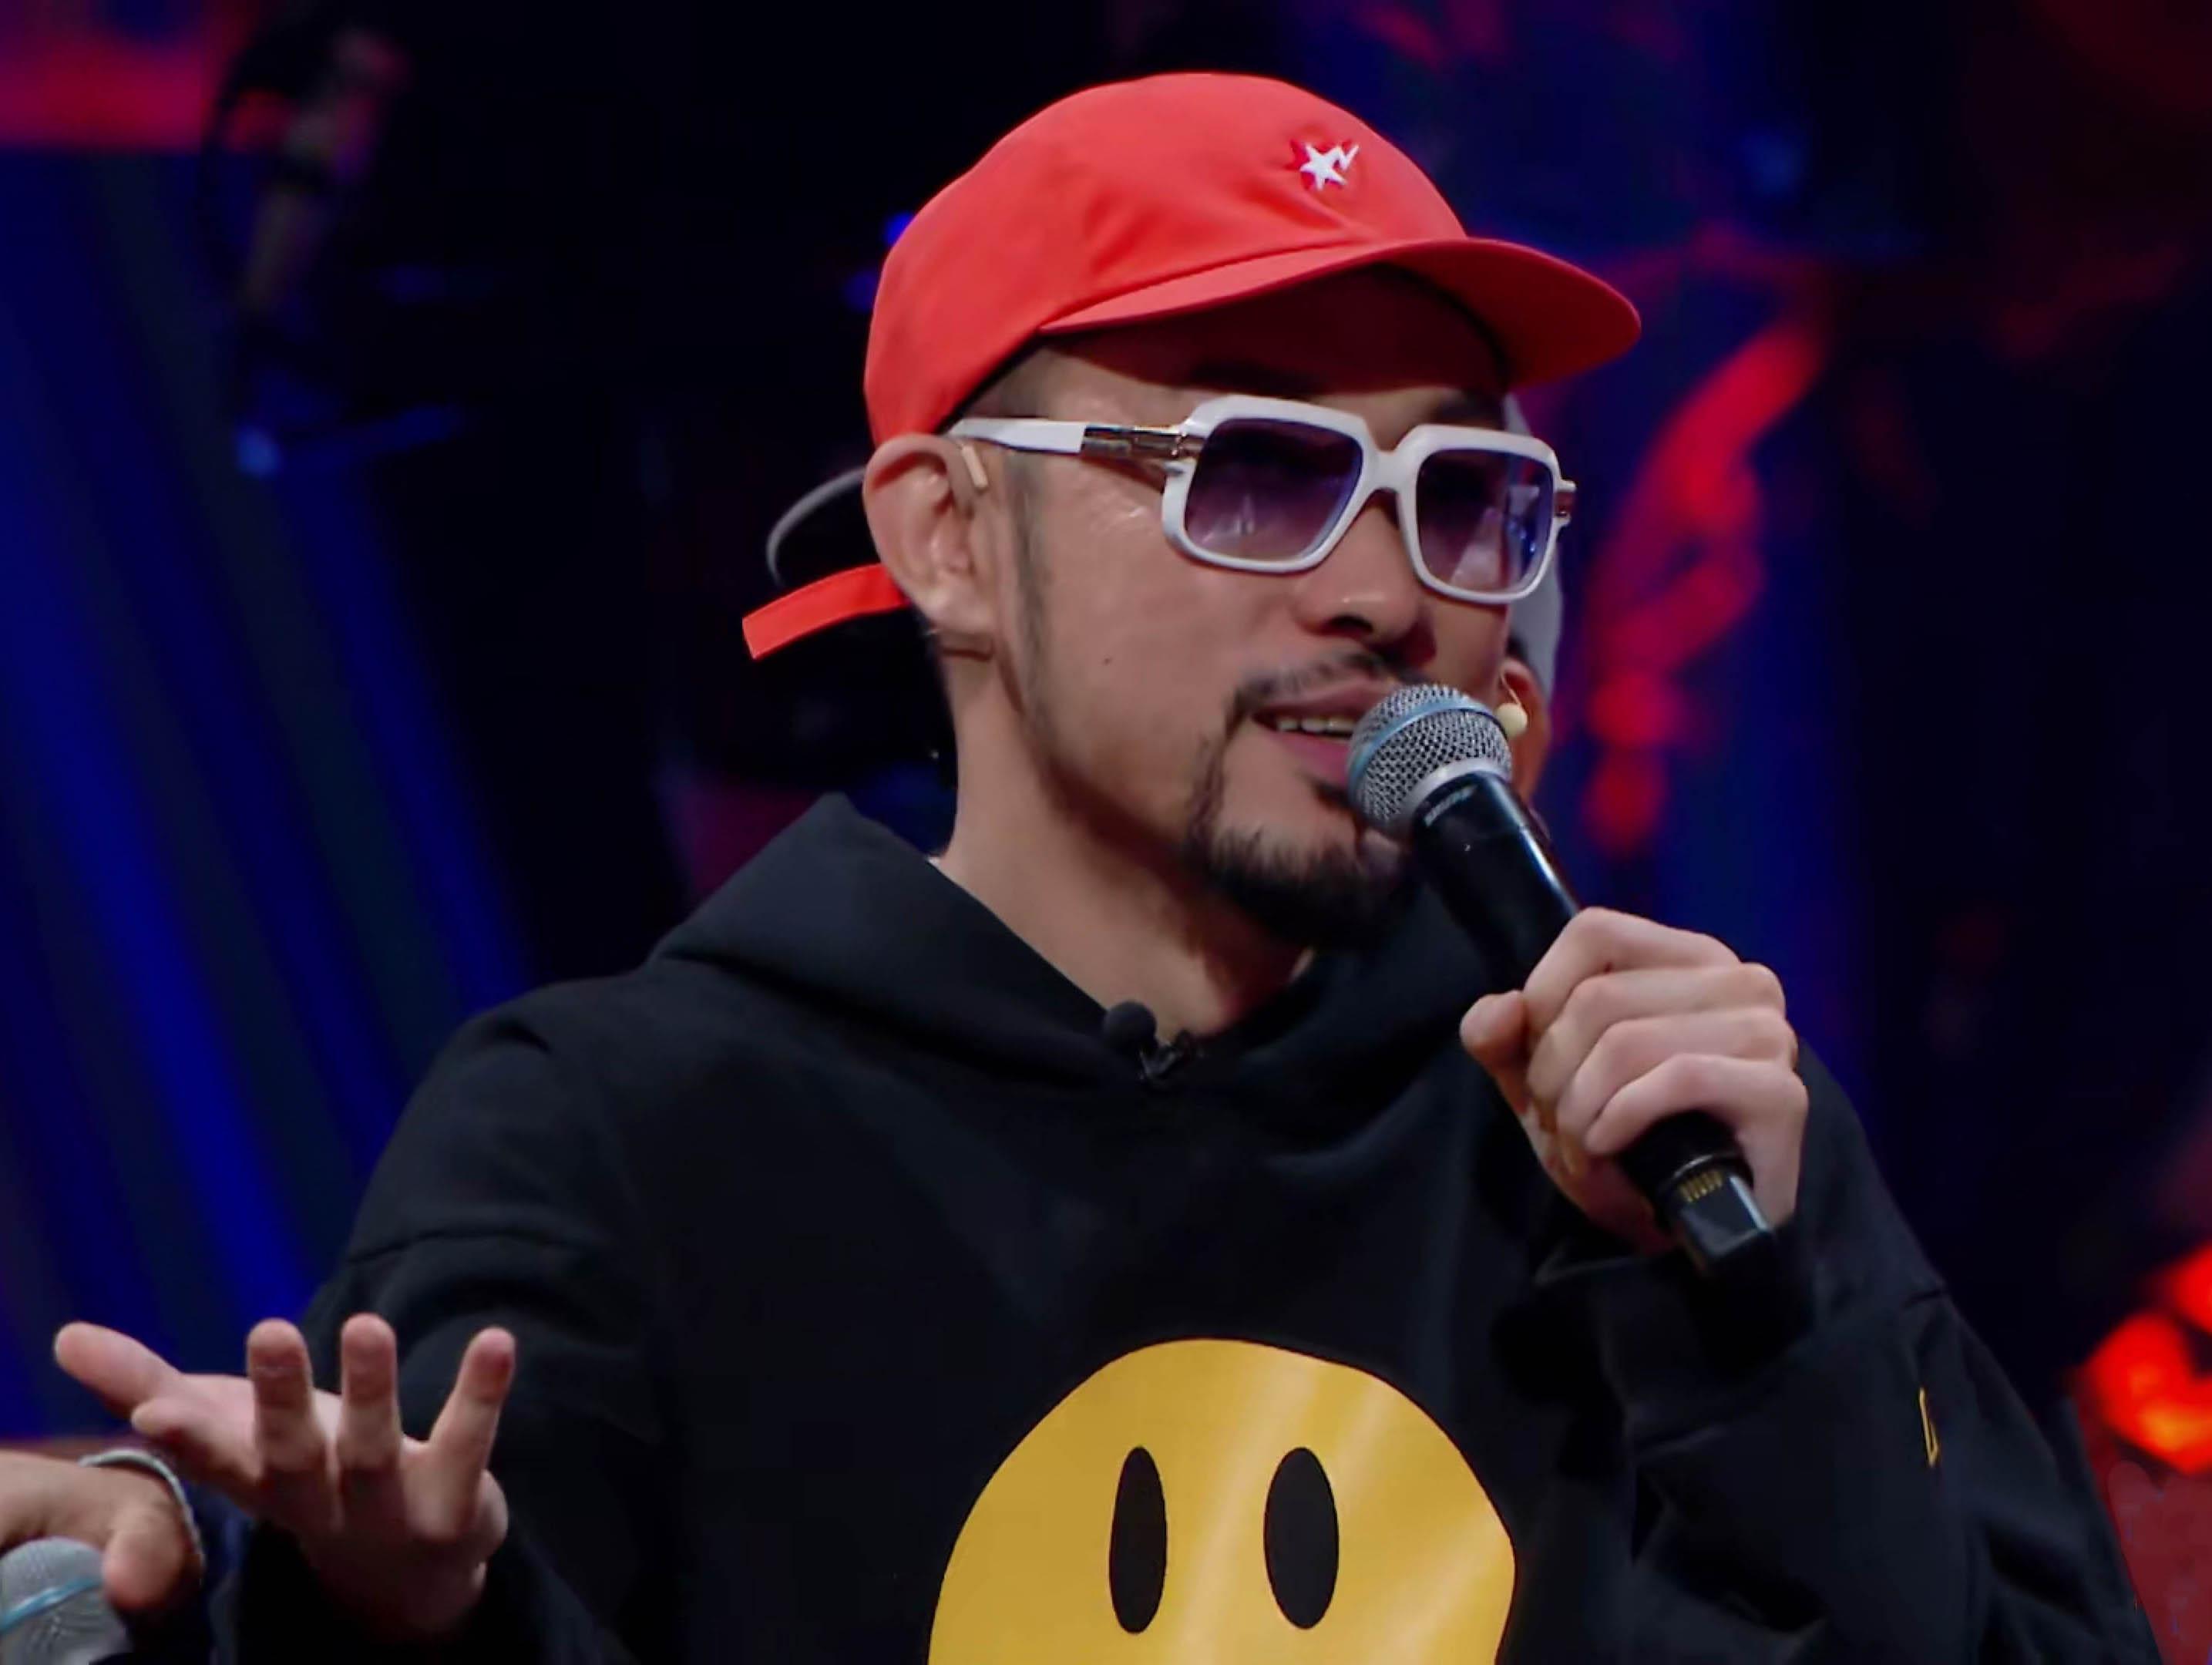 《中国新说唱》收官 MC HotDog热狗煽情助力中文说唱